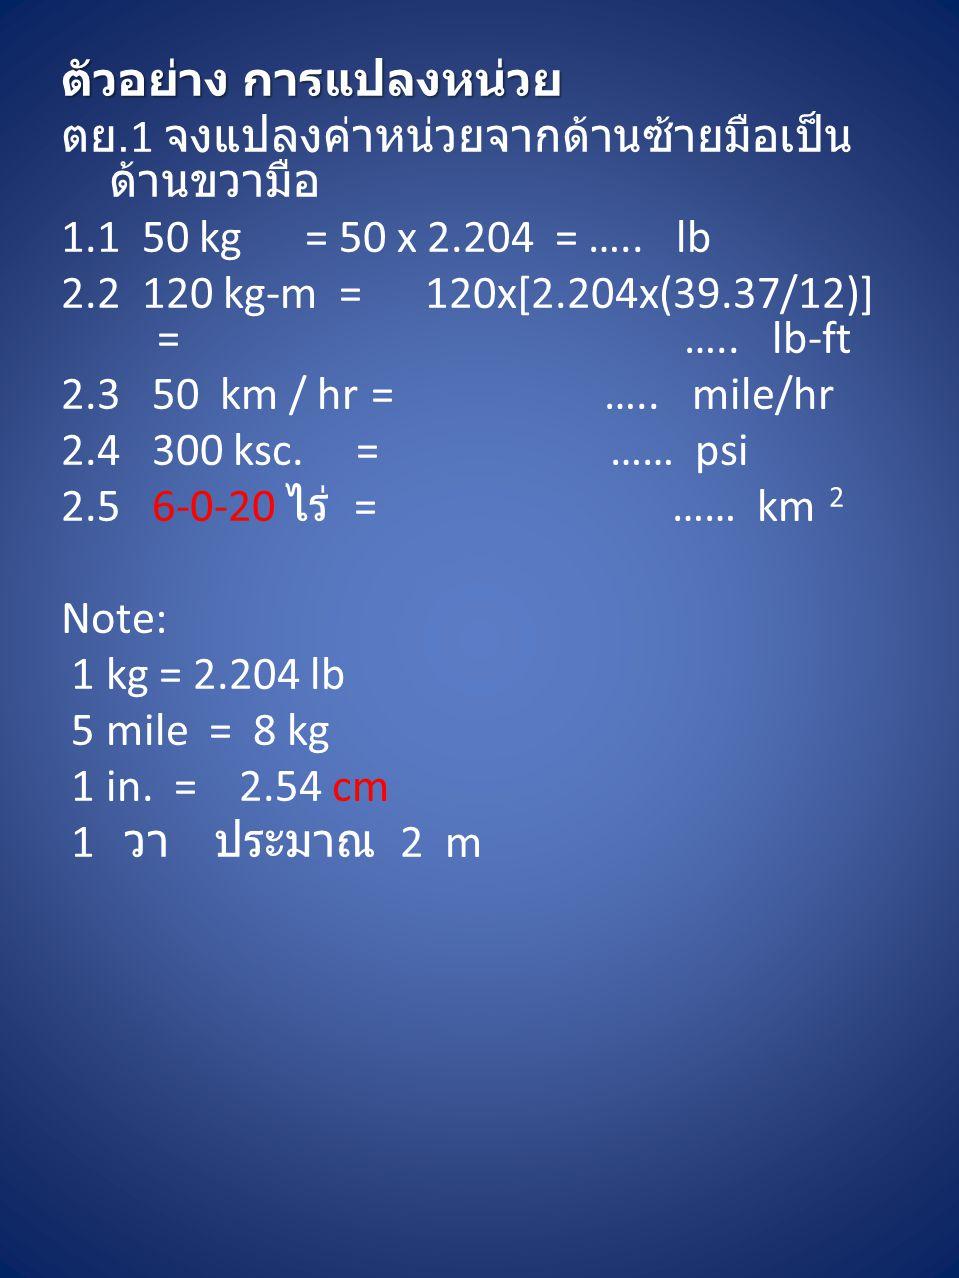 ตัวอย่าง การแปลงหน่วย ตย.1 จงแปลงค่าหน่วยจากด้านซ้ายมือเป็น ด้านขวามือ 1.1 50 kg = 50 x 2.204 = ….. lb 2.2 120 kg-m = 120x[2.204x(39.37/12)] = ….. lb-